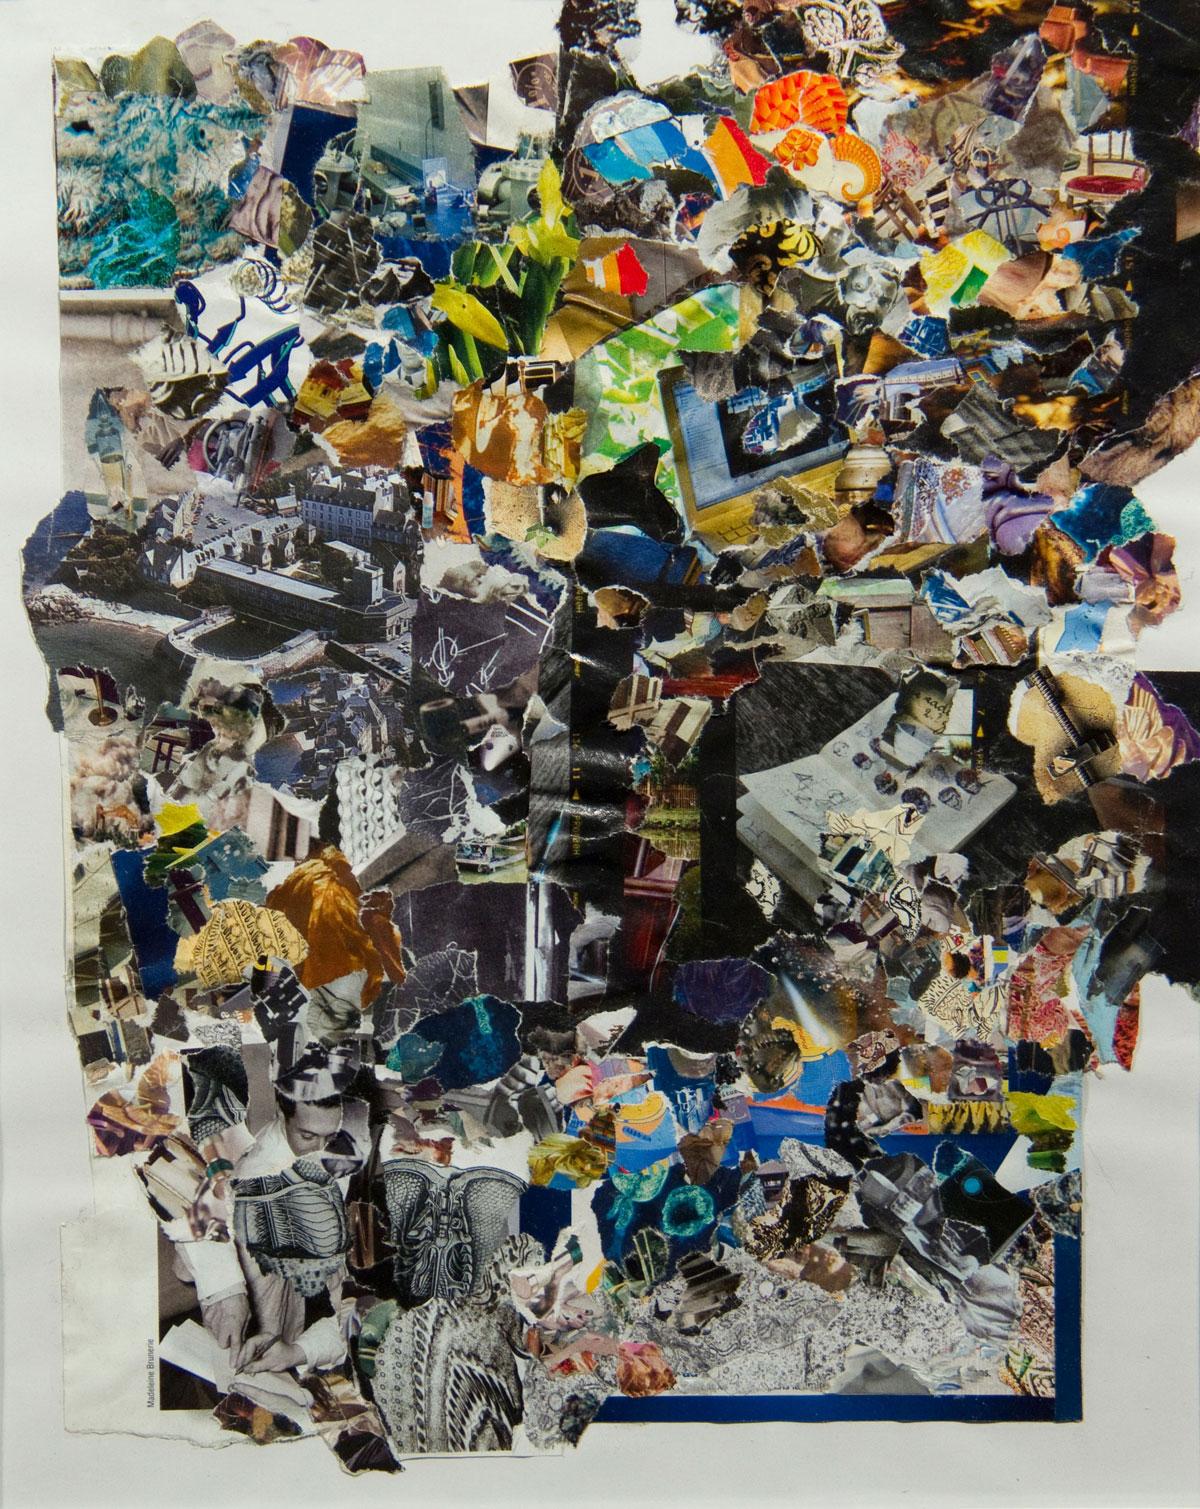 Philippe Briard - Distorsion topographique, 2011, collage, 29 x 23 cm